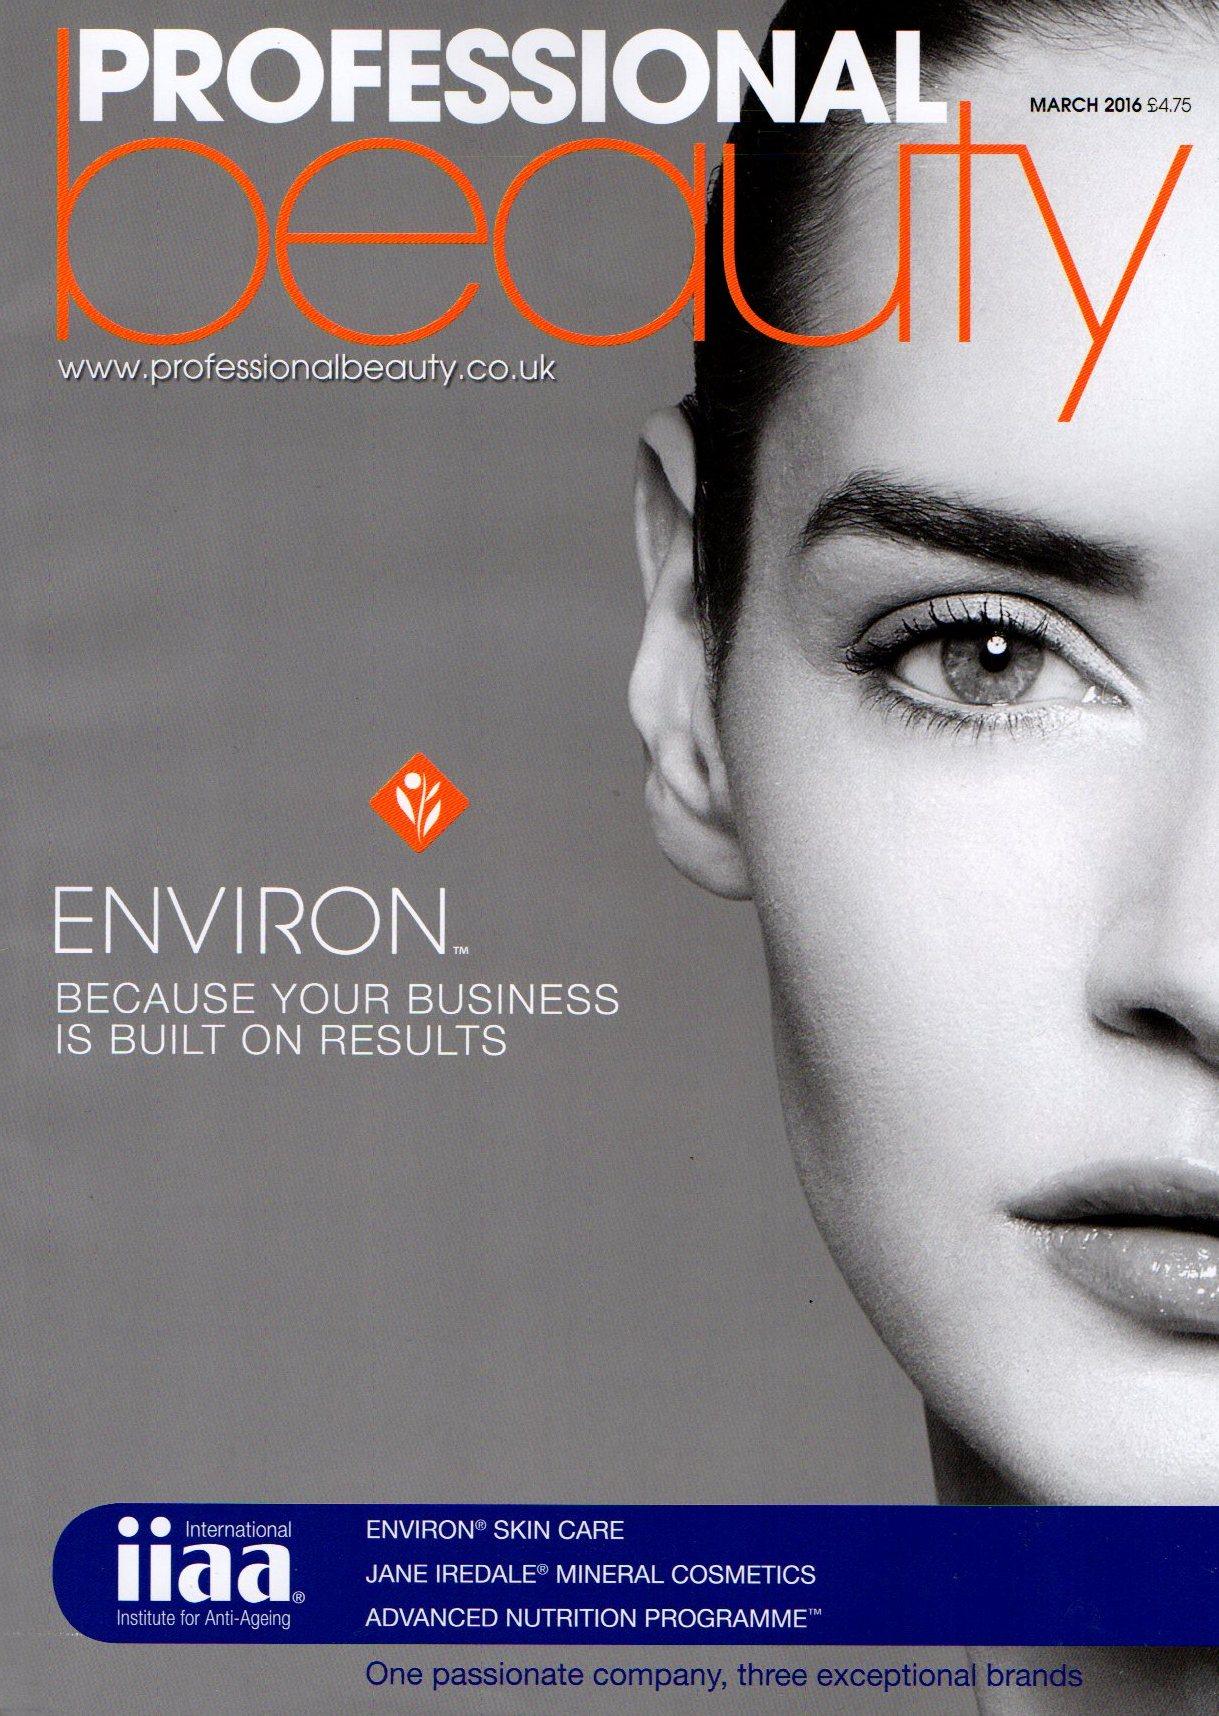 beautysecrets.agency - little Butterfly London